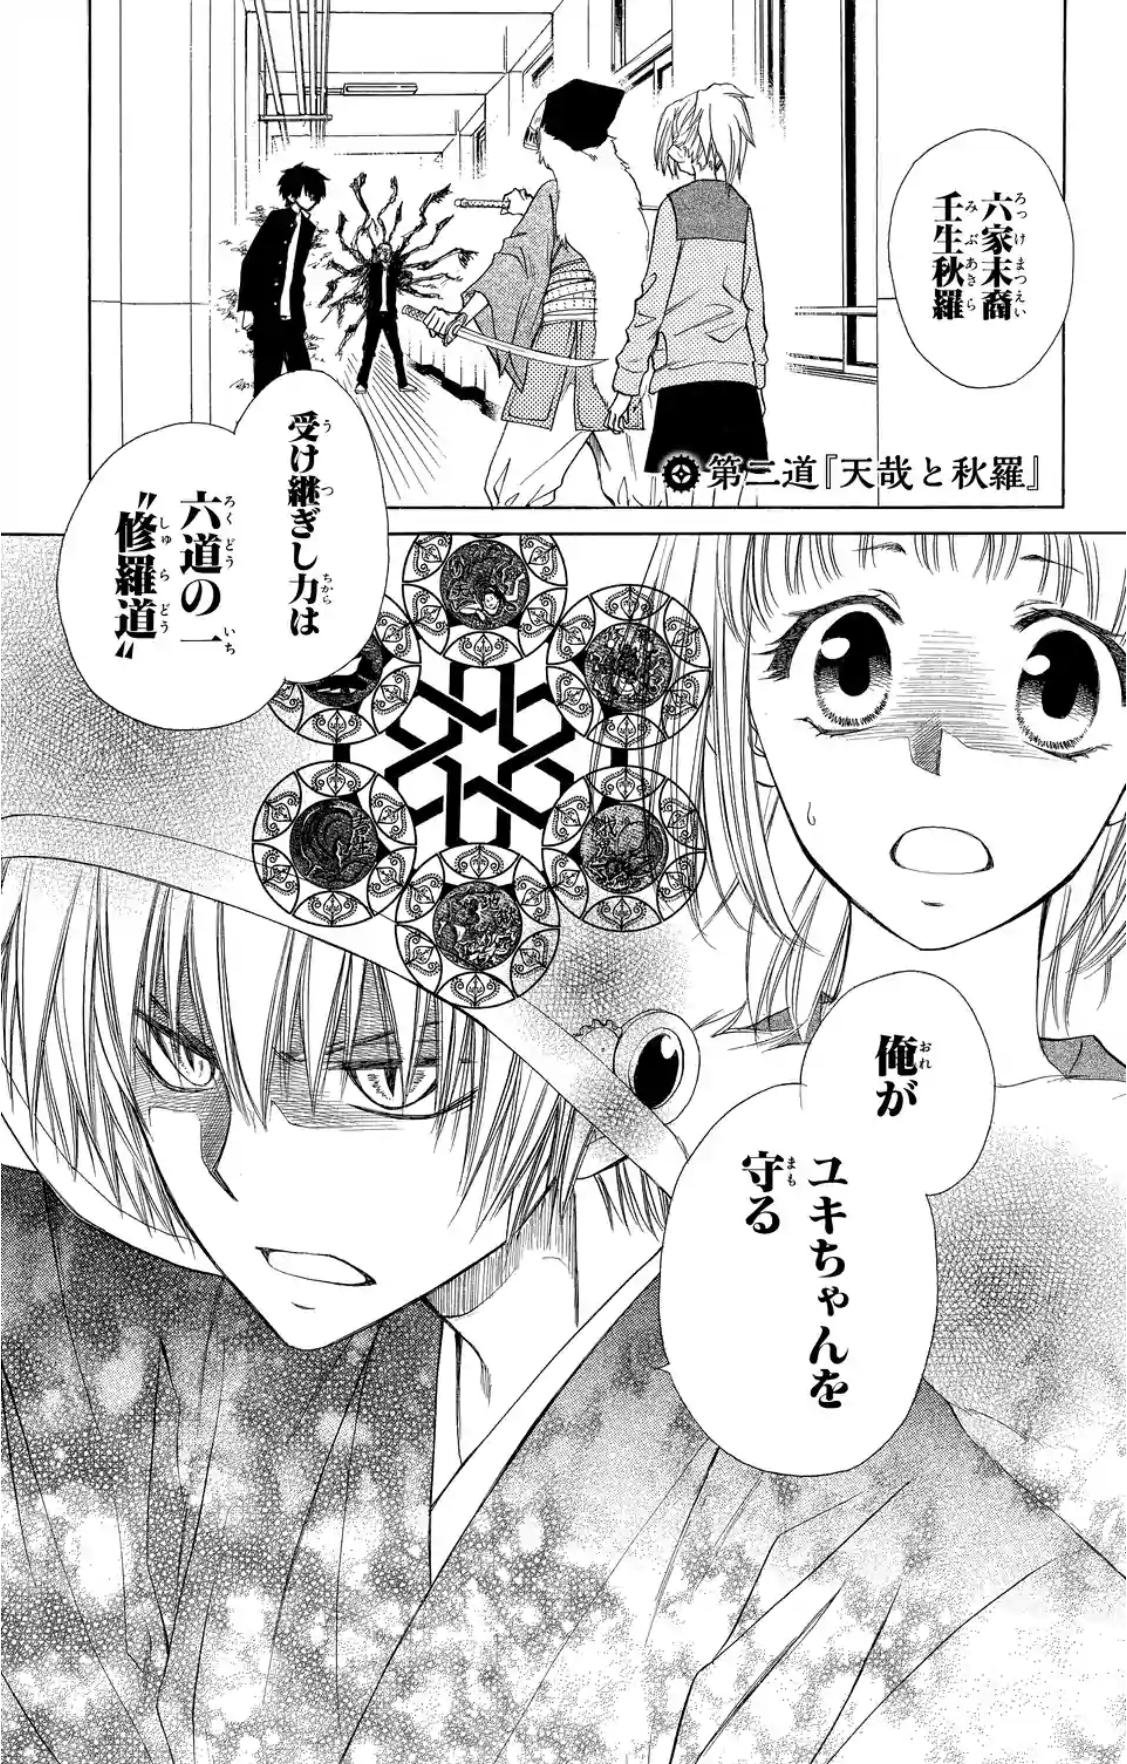 登場人物3:ユキを守る!【秋羅(あきら)】